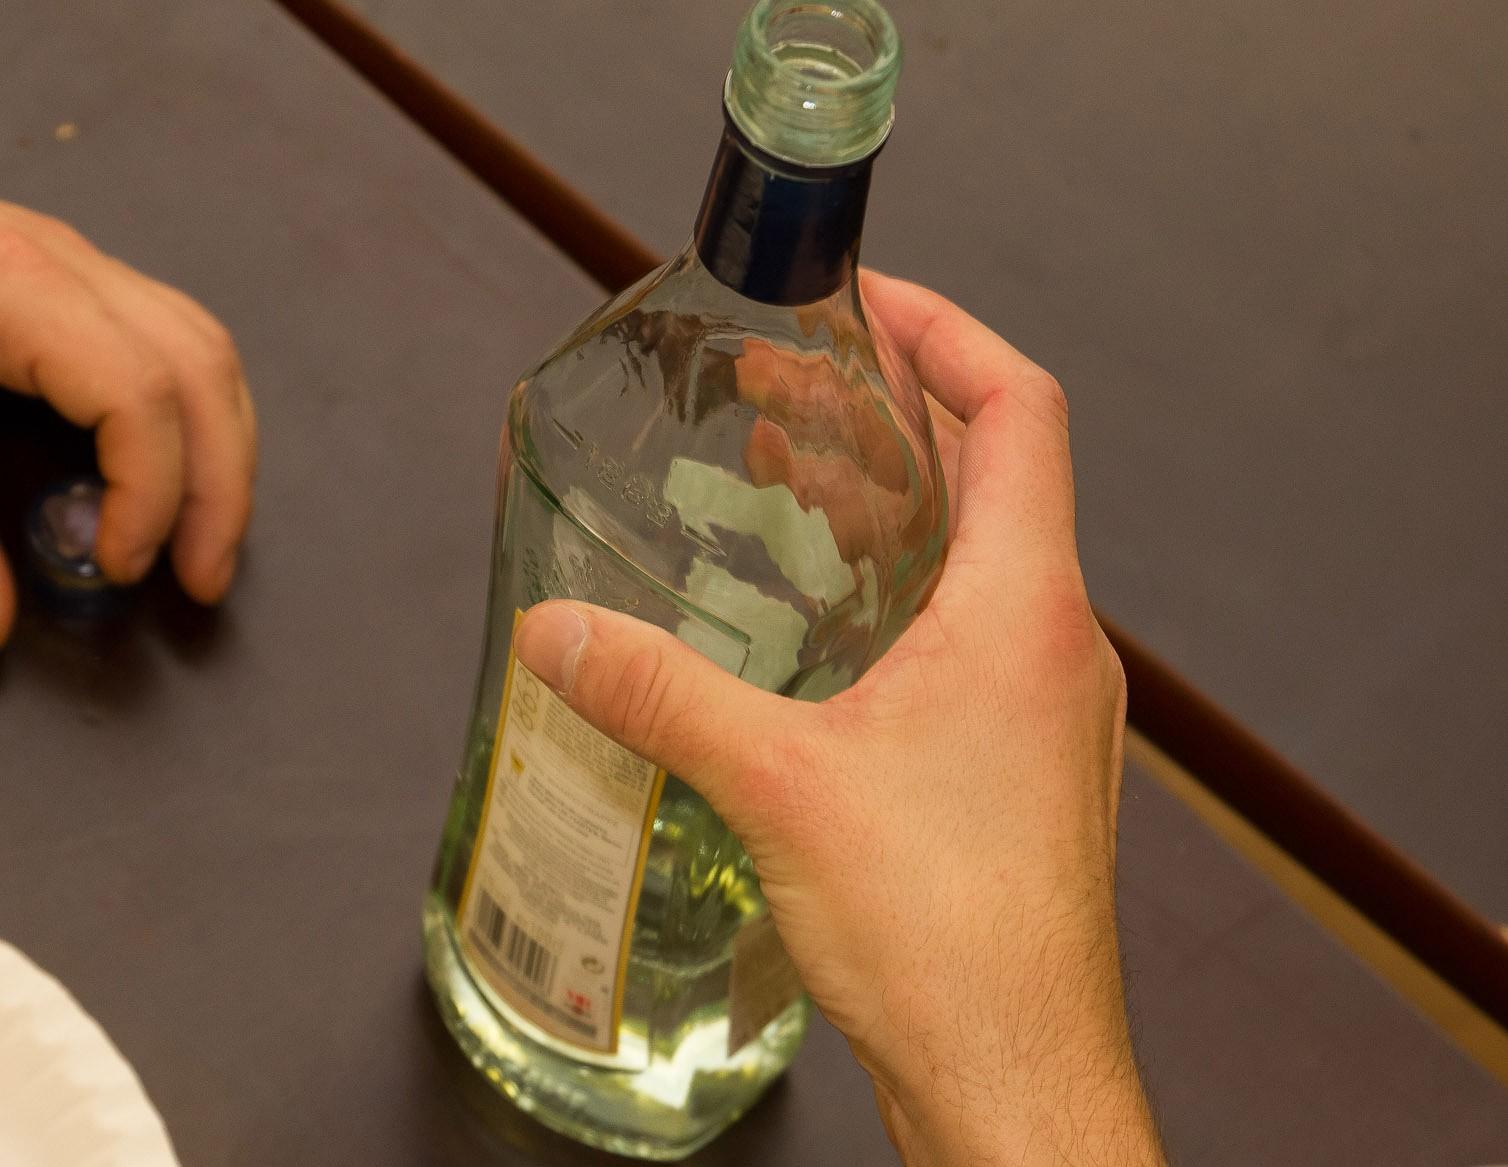 Vīrietis būdams alkohola reibumā veikalā saceļ traci